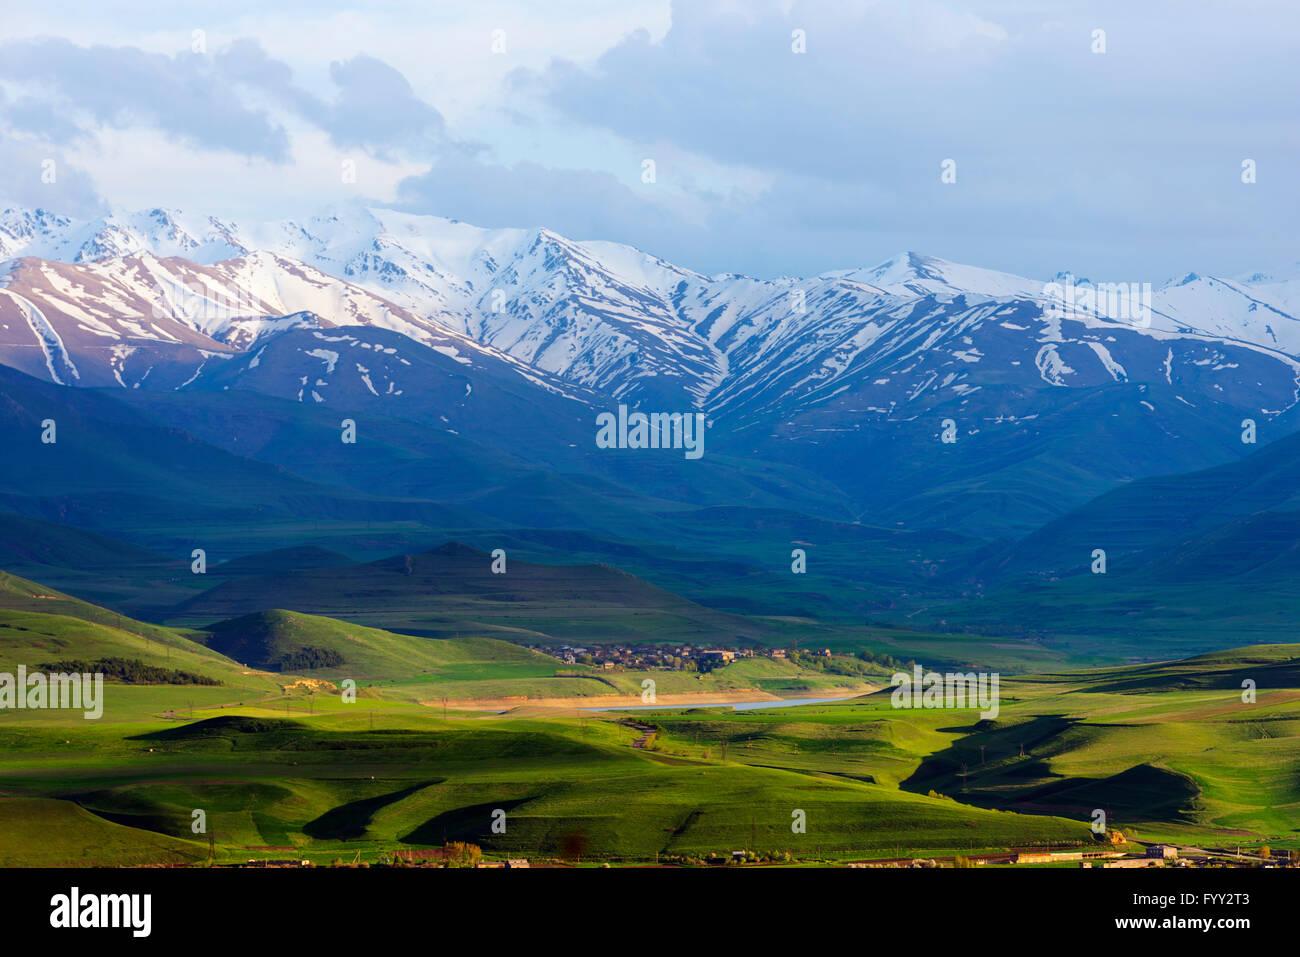 Eurasia, la regione del Caucaso meridionale, Armenia, provincia di Syunik, scenario vicino a Sisian Foto Stock